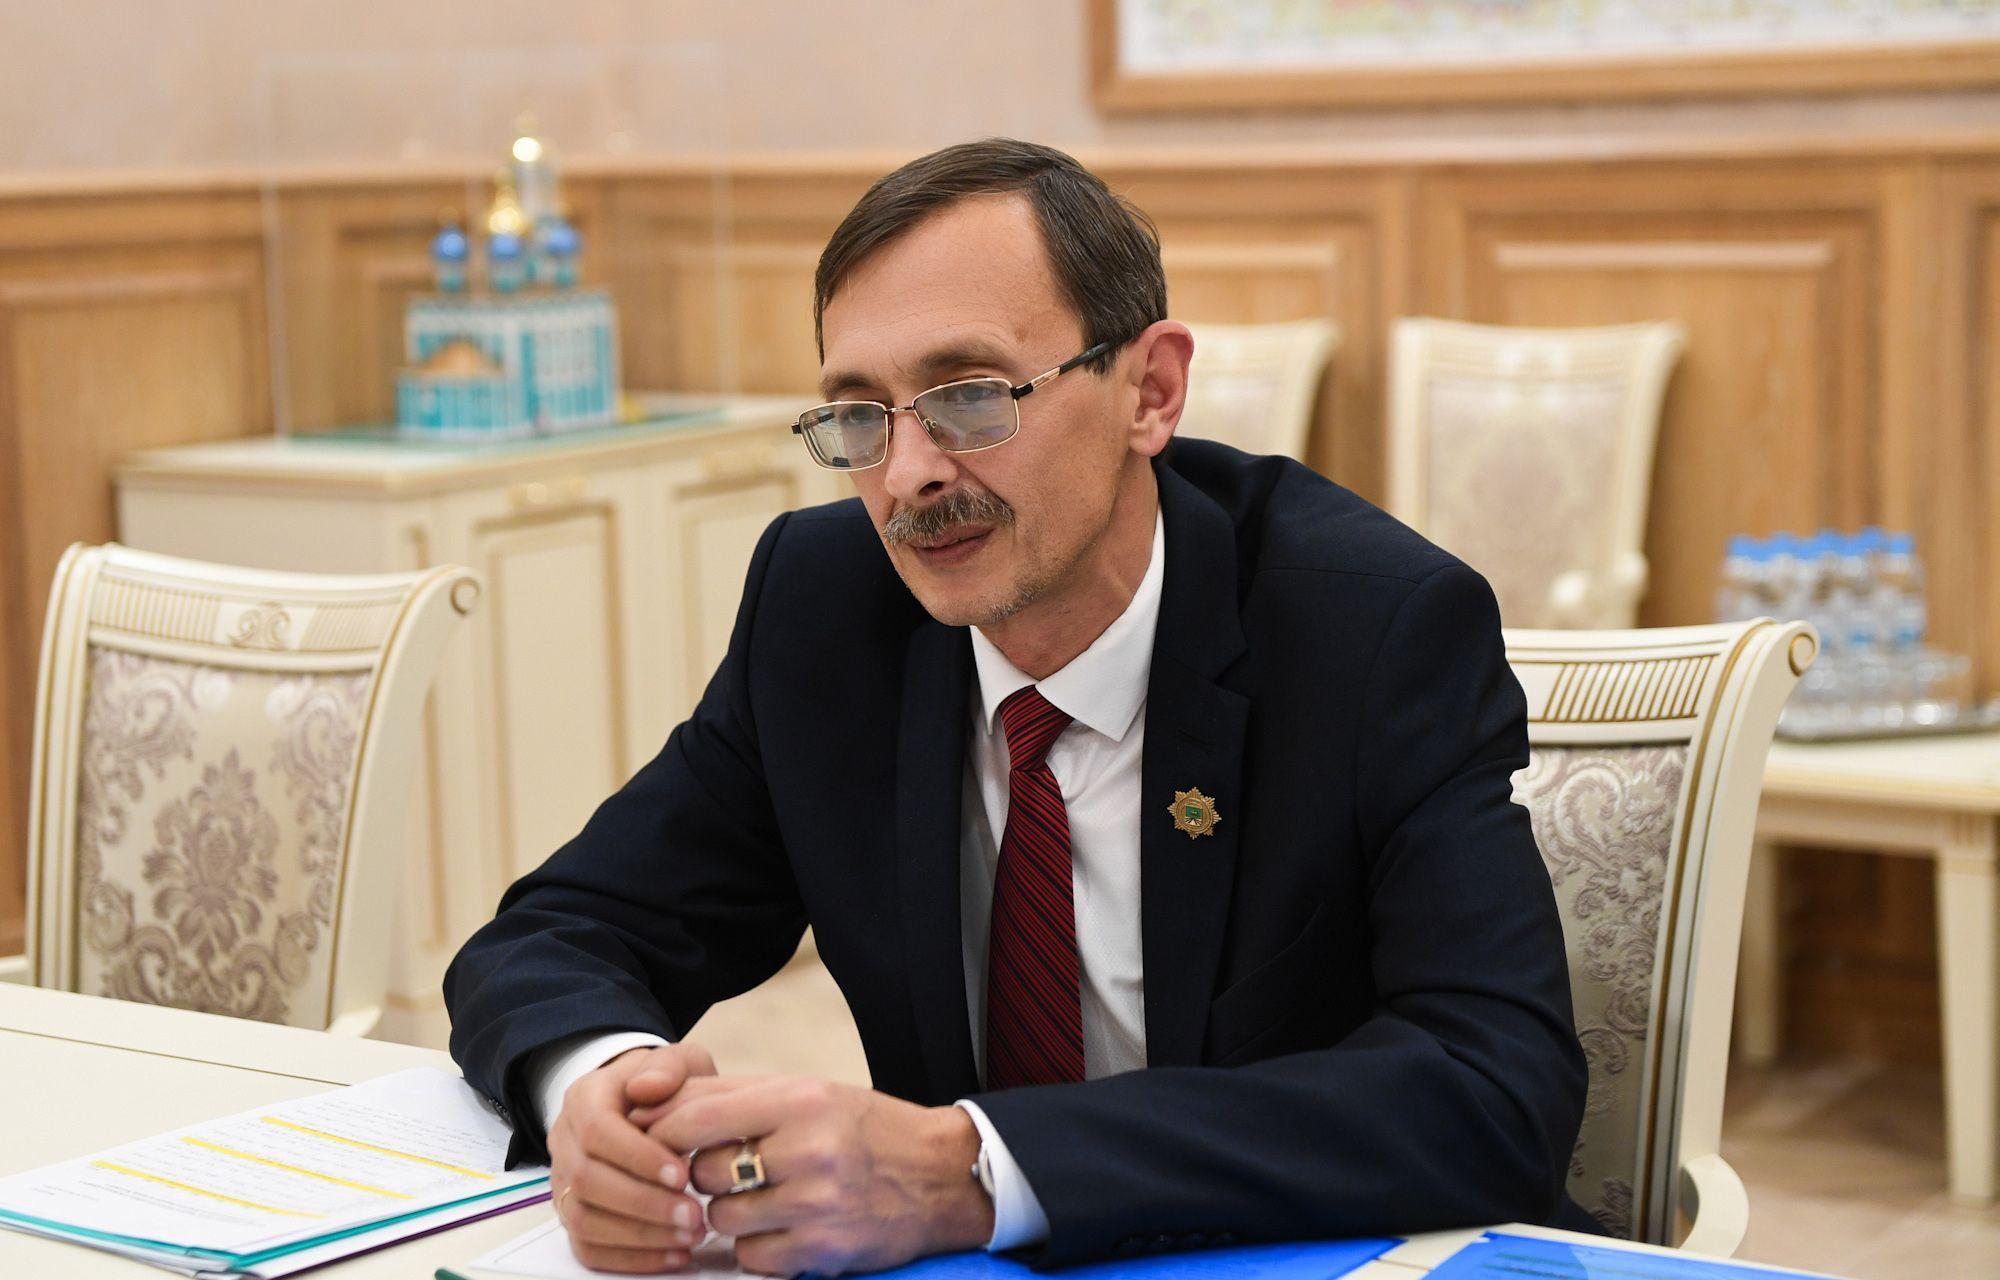 Олег Дубов: при поддержке муниципалитетов важно использовать индивидуальной подход